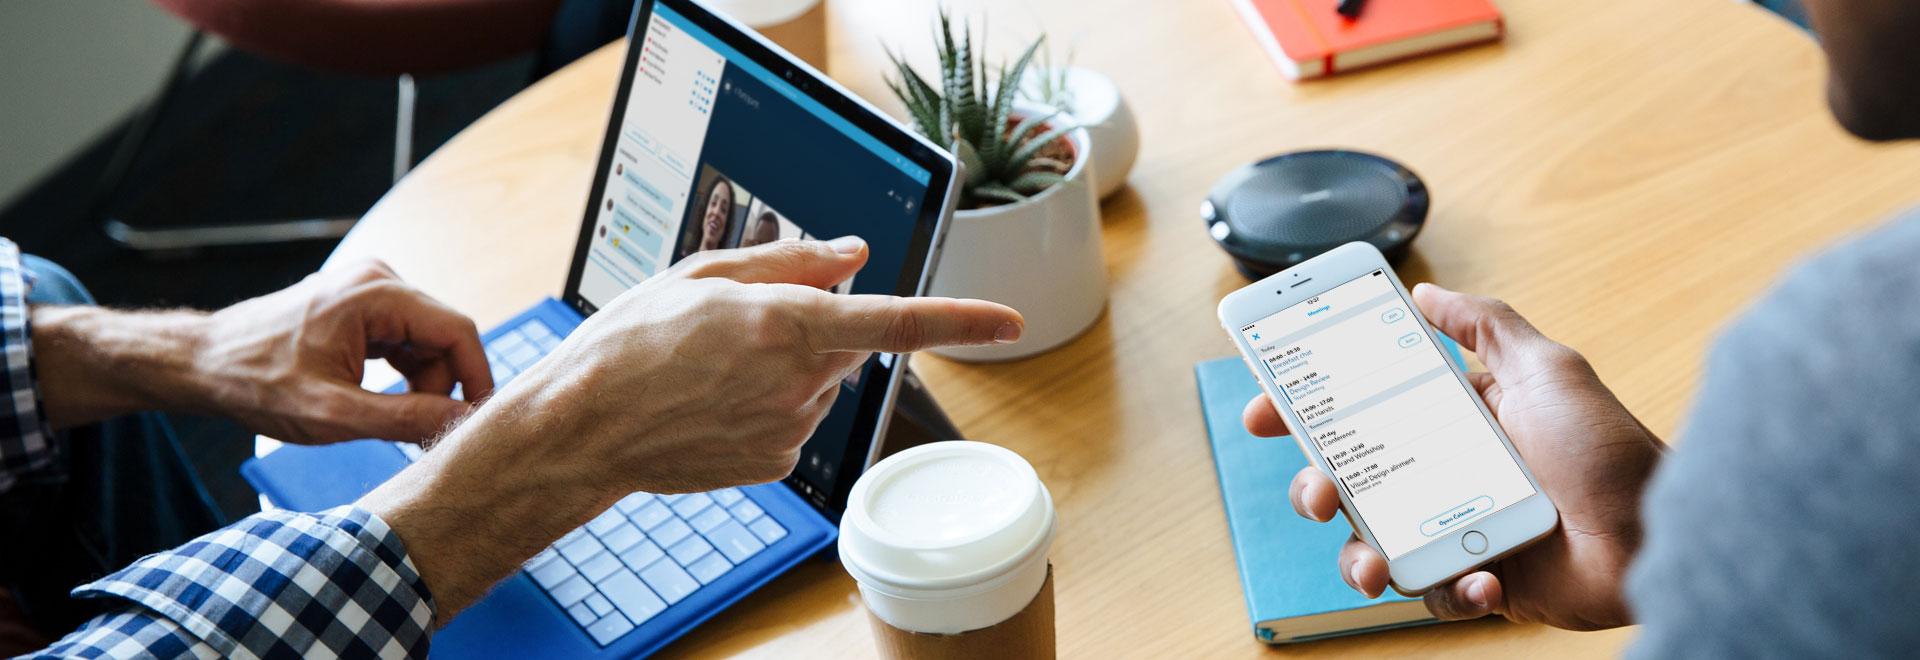 Dve osebi ob mizi, ena ima v rokah telefon, druga pa prenosnik, uporabljata Skype za podjetja